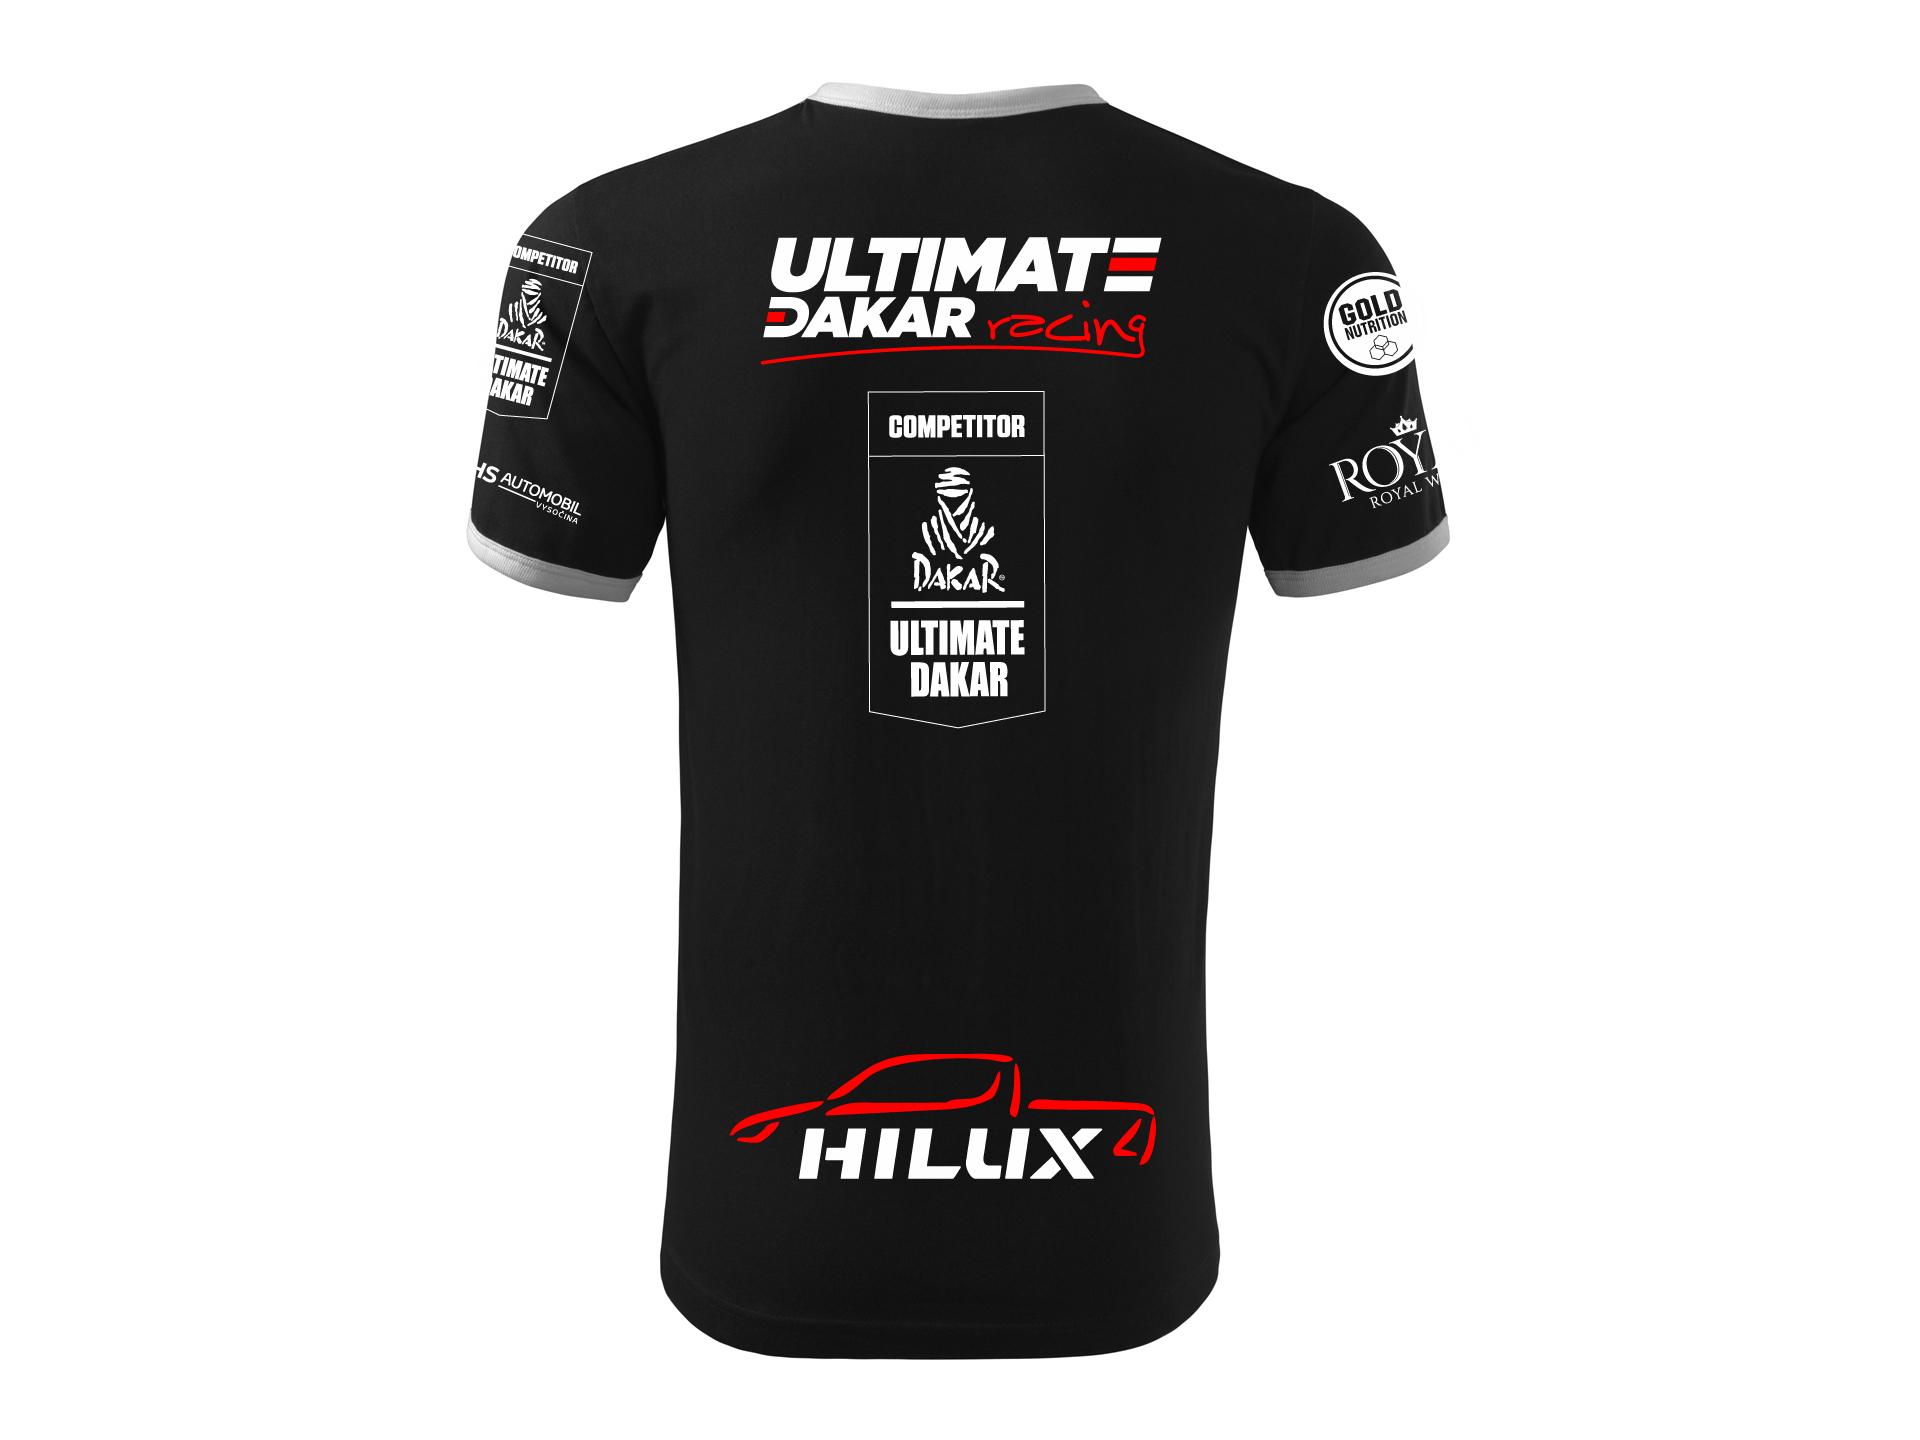 Obrázek galerie Tričko Ultimate Dakar Racing - Kolekce 2021 - Unisex - S